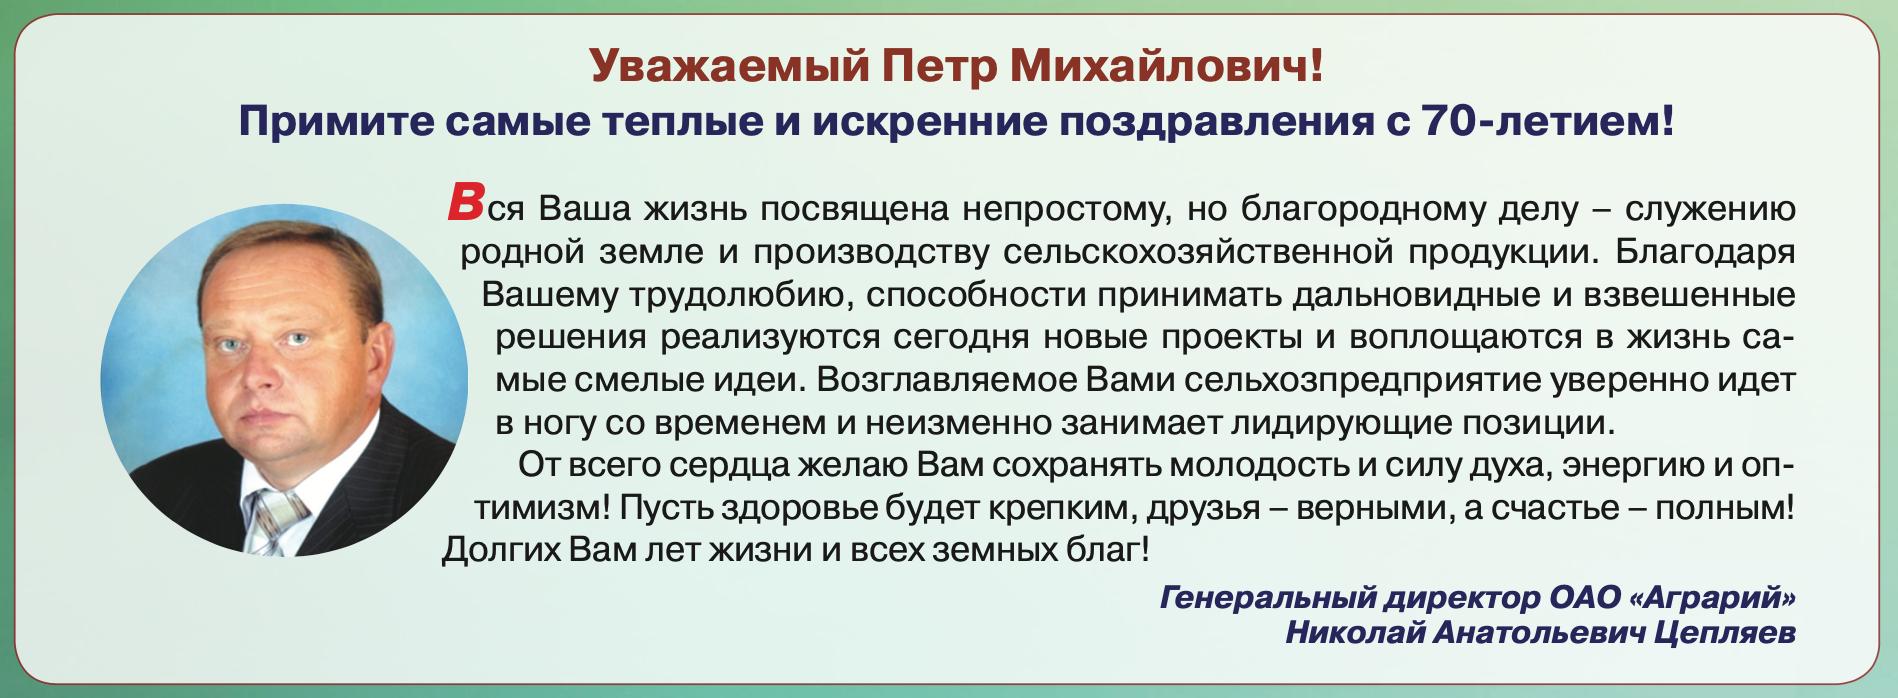 Уважаемый Петр Михайлович! Примите самые теплые и искренние поздравления с 70-летием!